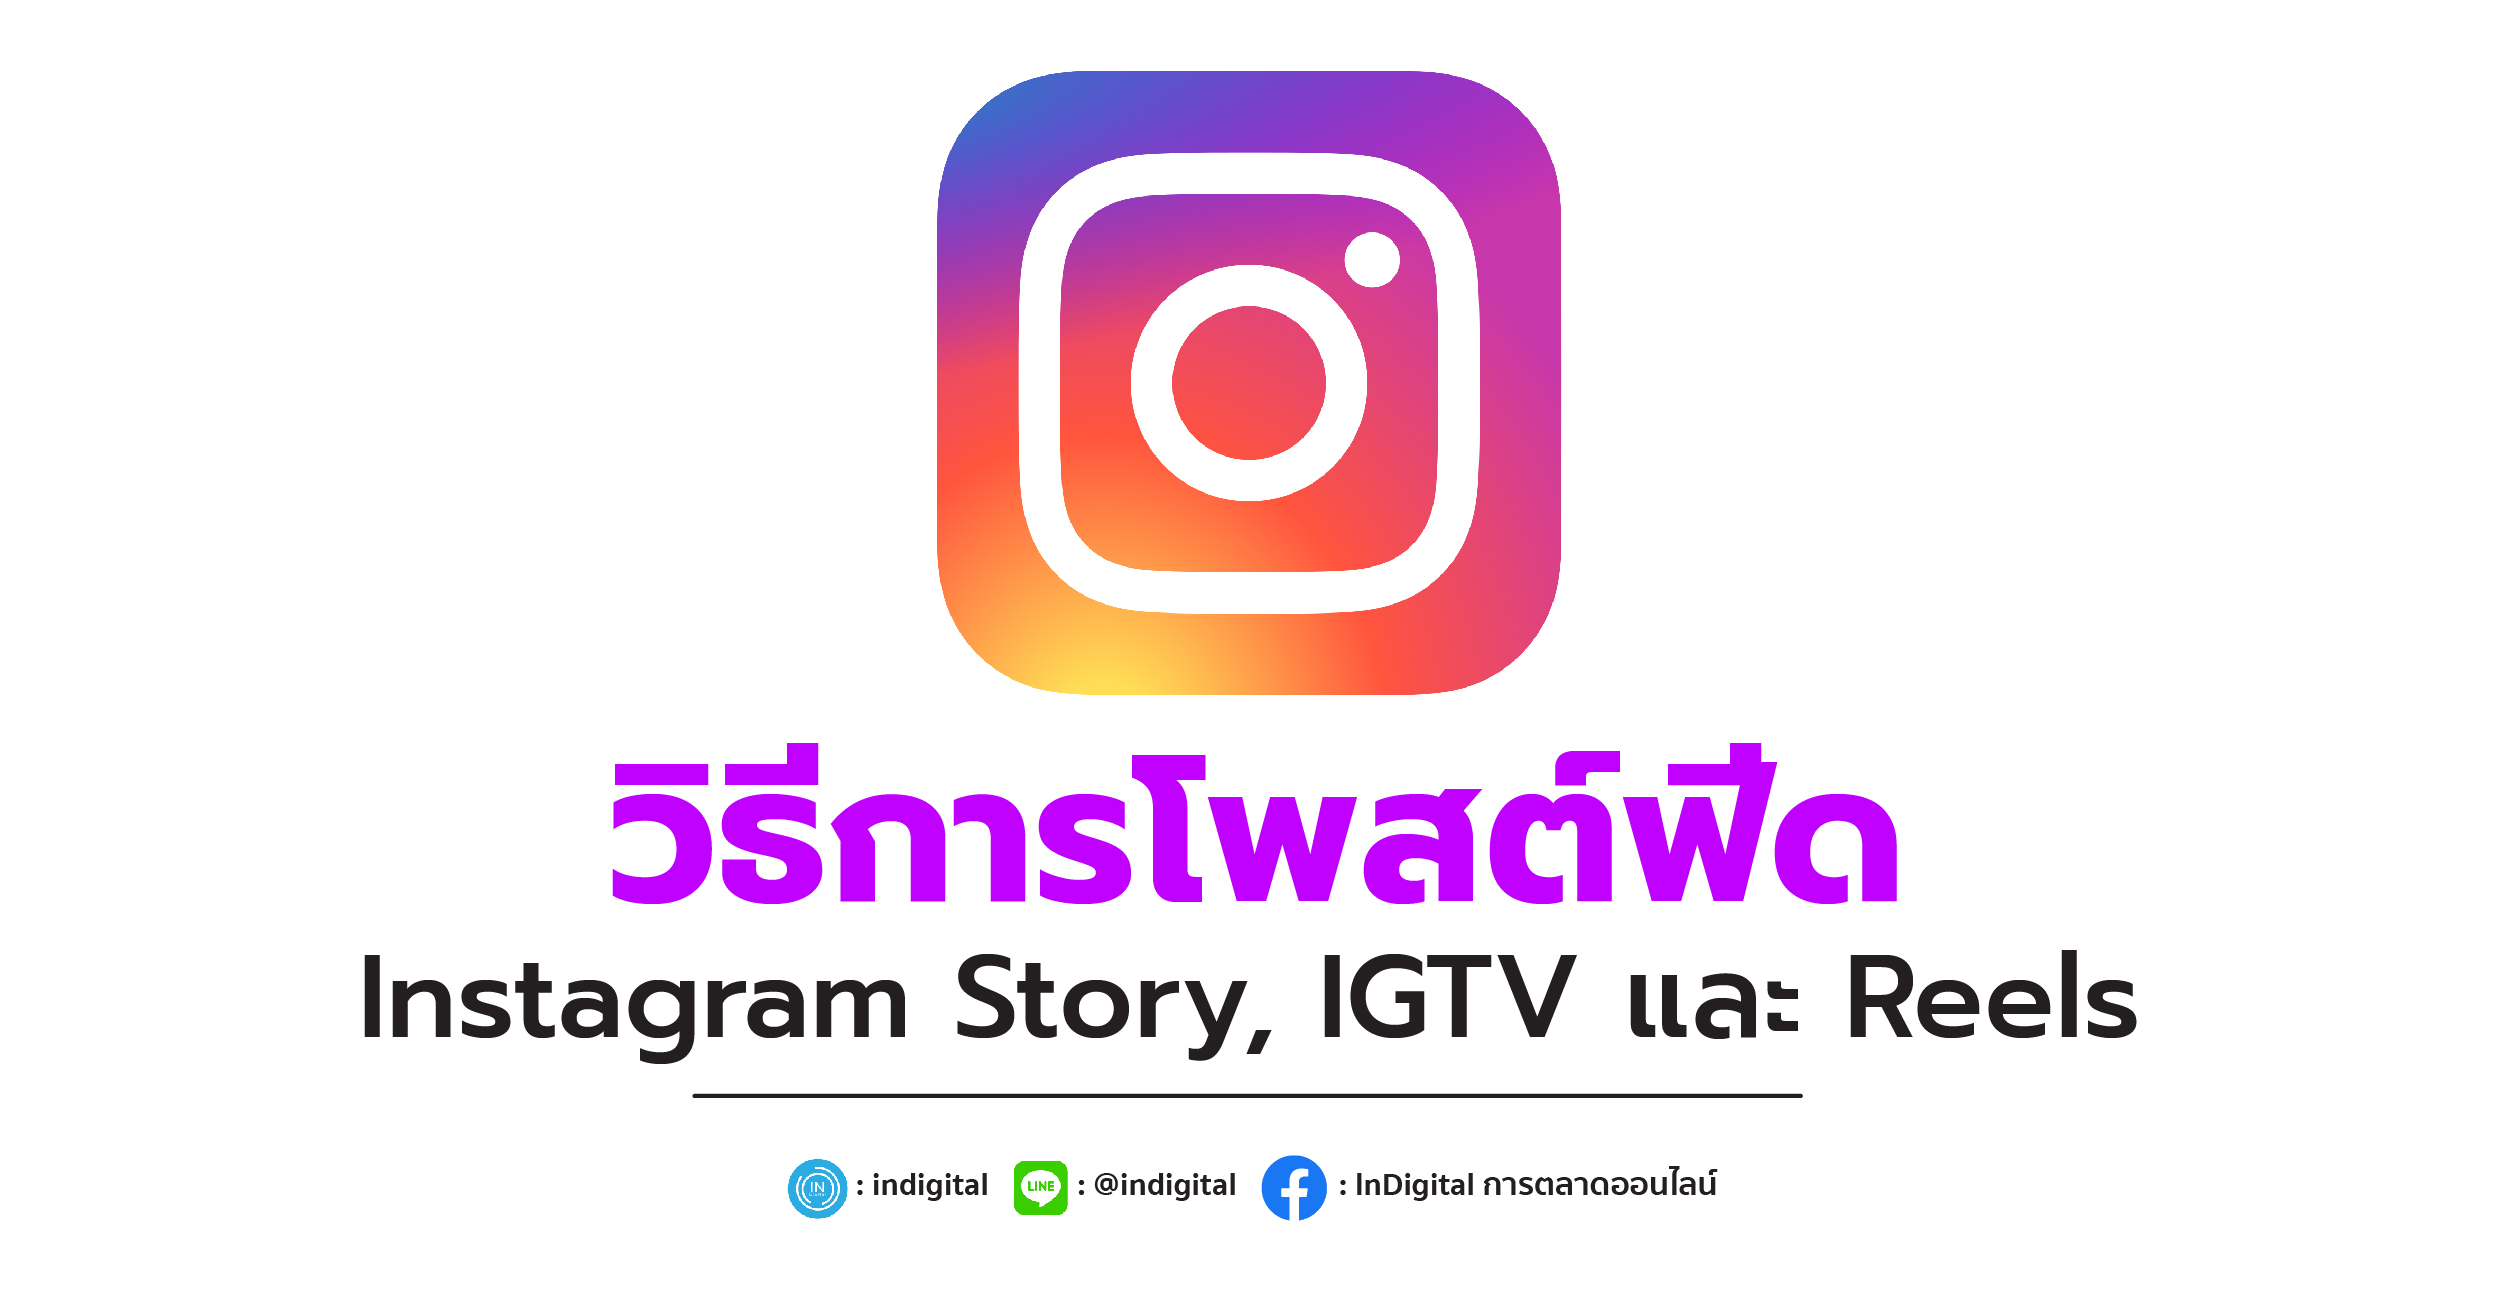 วิธีการโพสต์ฟีด Instagram Story, IGTV และ Reels